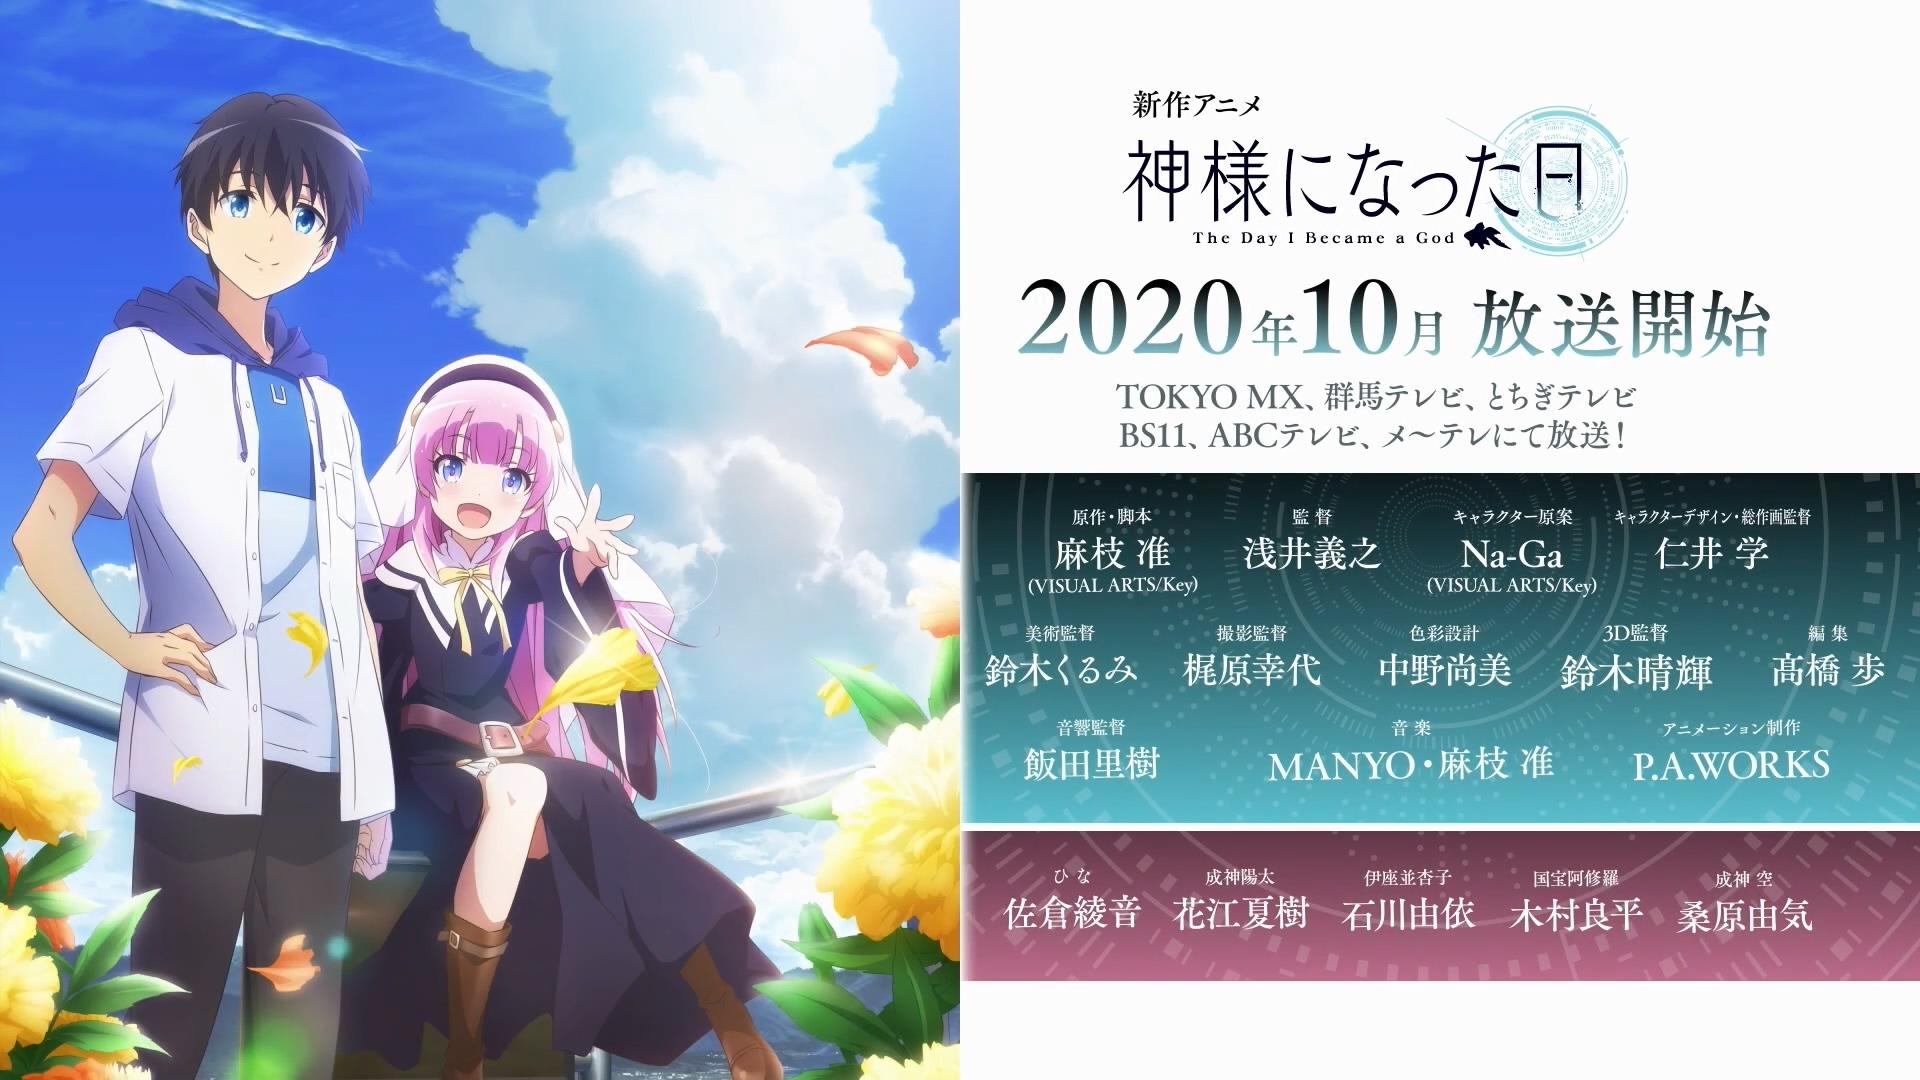 麻枝准新作TV动画《成神之日》第1弹PV公开,10月开播- 布丁次元社